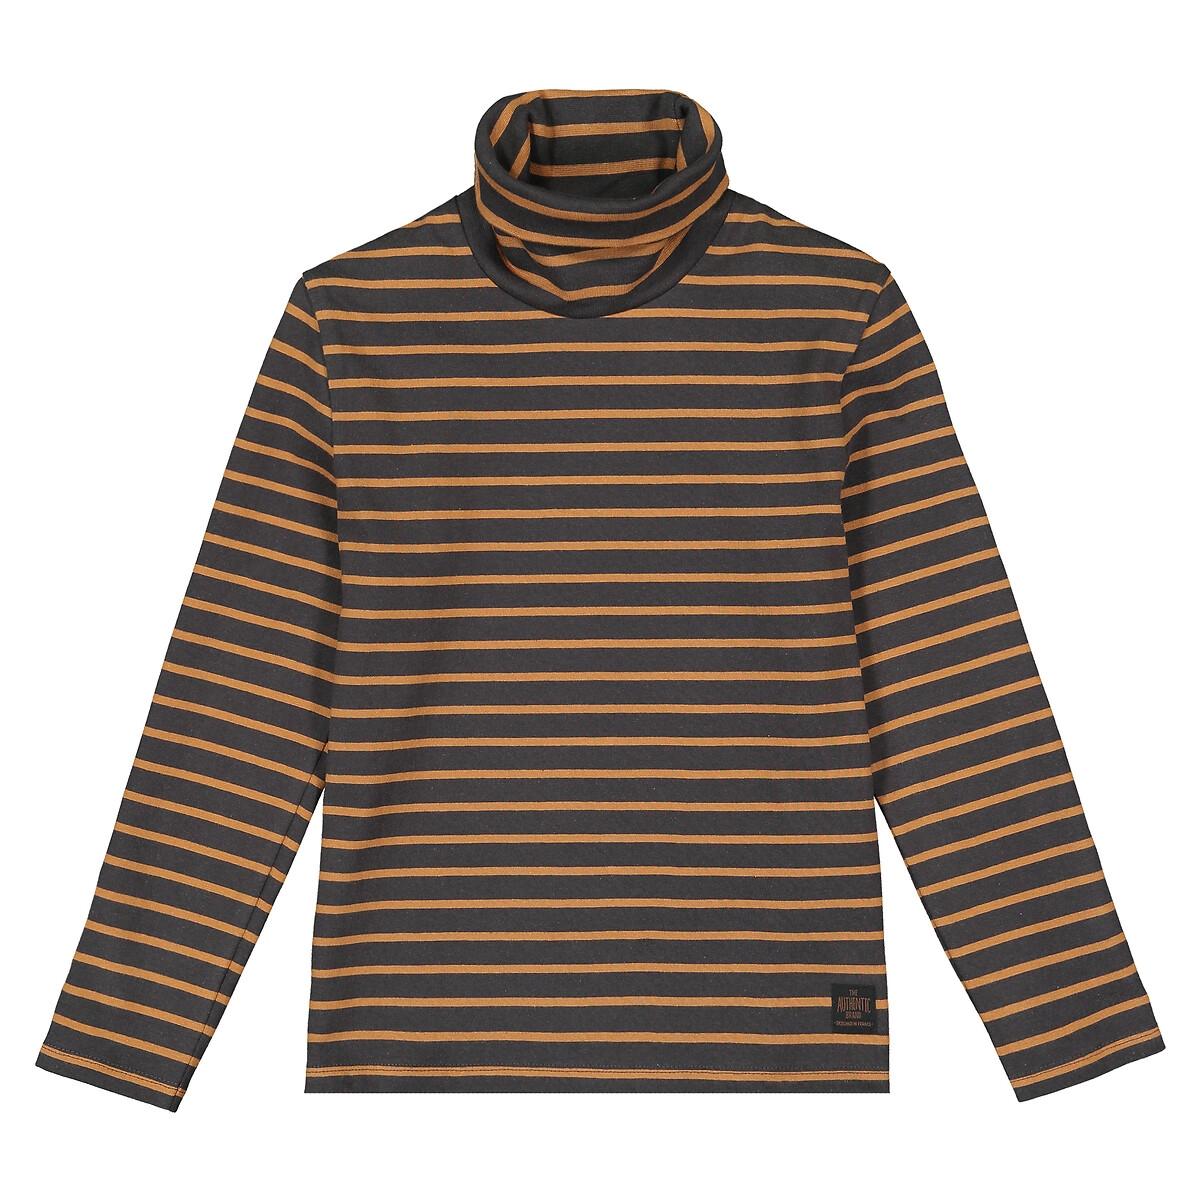 Пуловер LaRedoute Тонкий из биохлопка 3-12 лет 4 года - 102 см серый